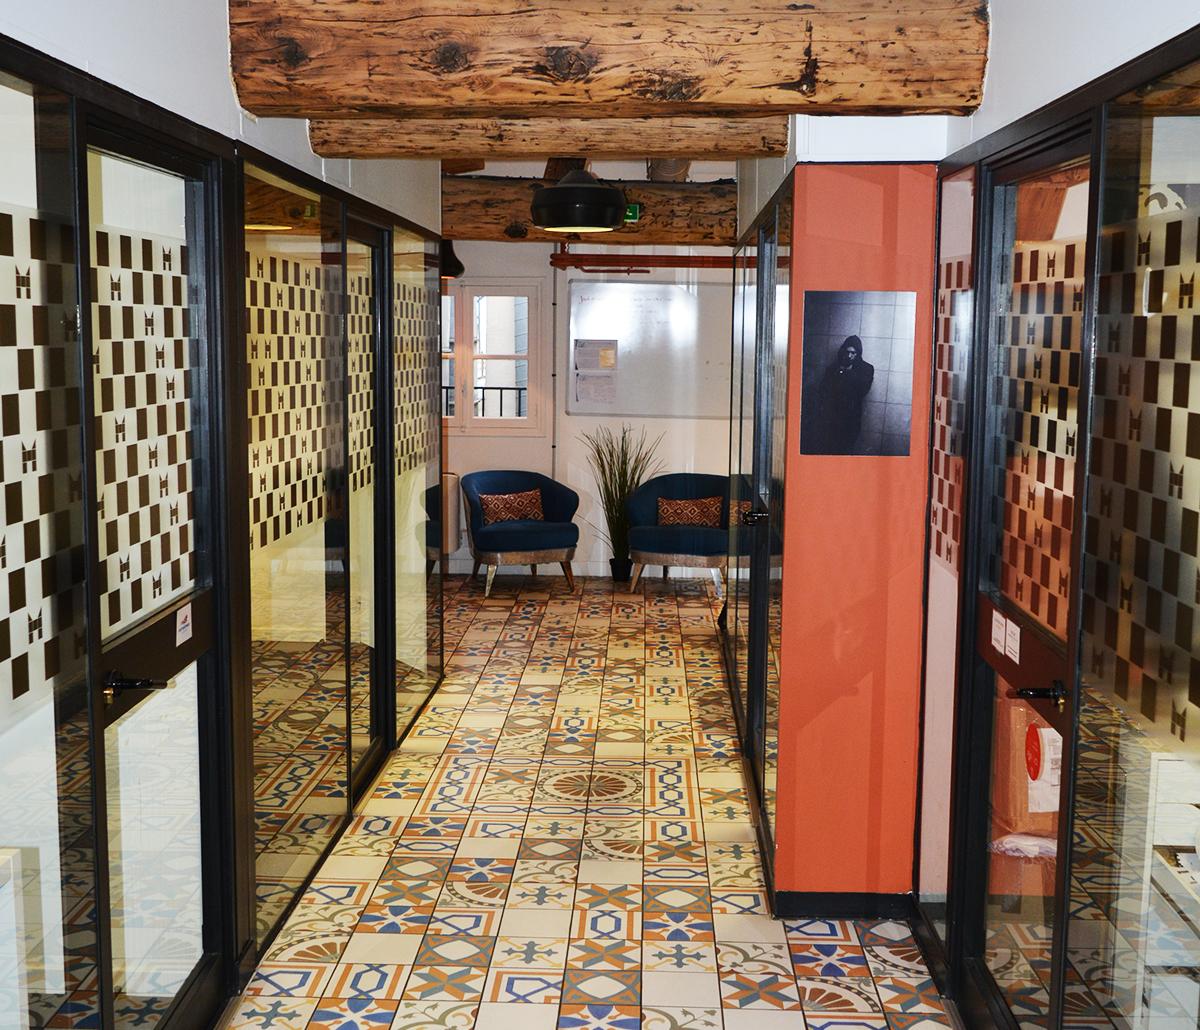 Mozaik, espace de coworking à Paris